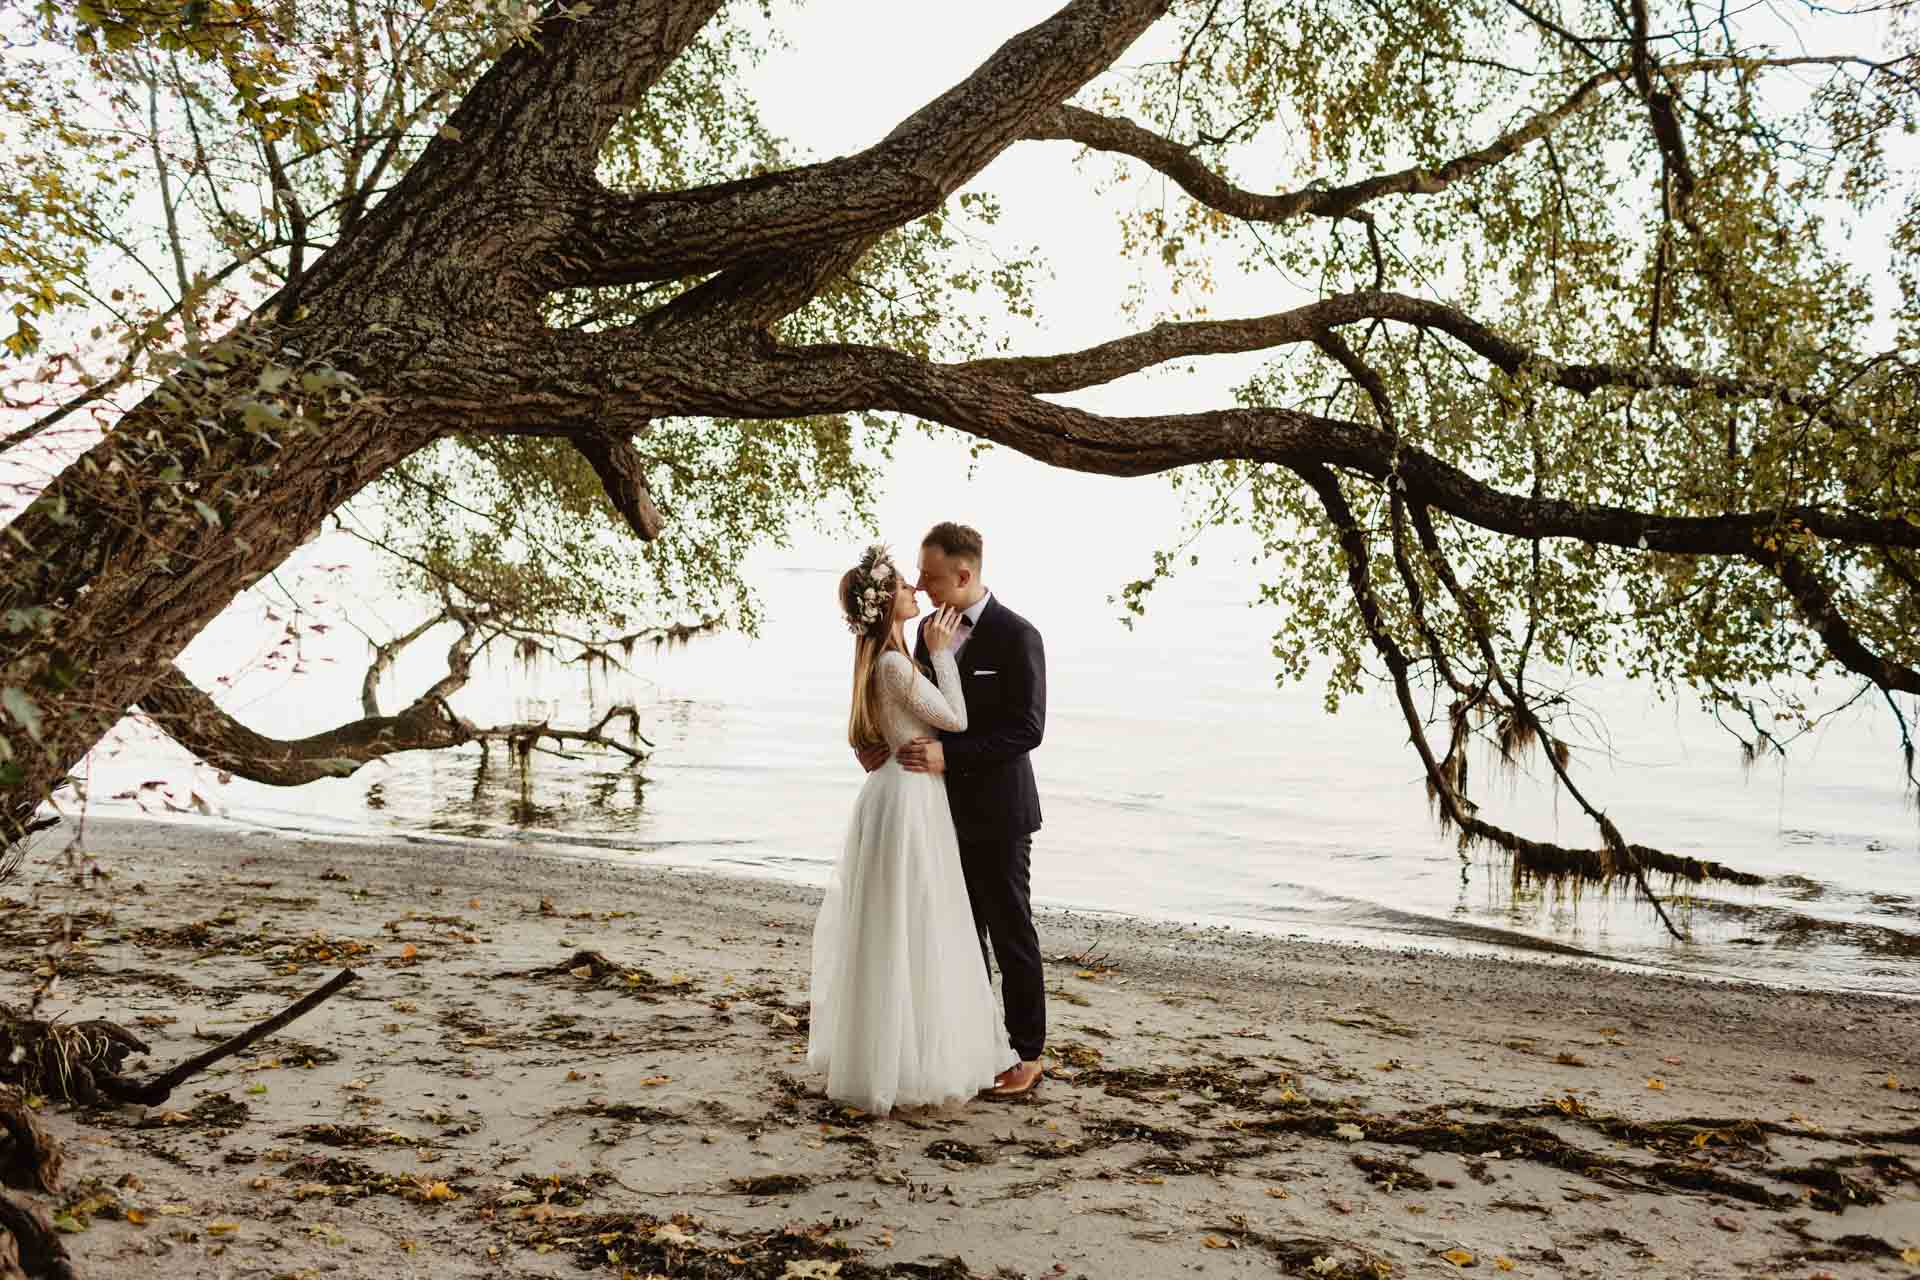 Sesja ślubna w Zamku w Rzucewie nad morzem | Patrycja i Ariel